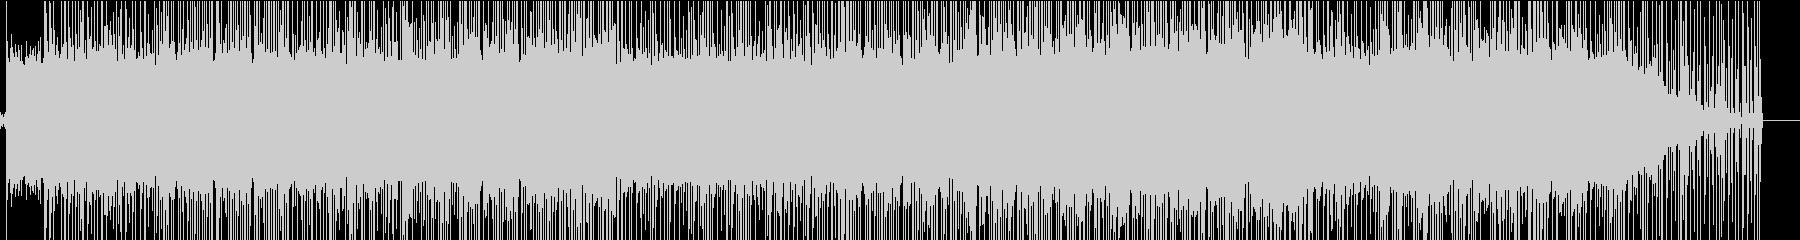 ギターのリフが印象的な大人BGMの未再生の波形